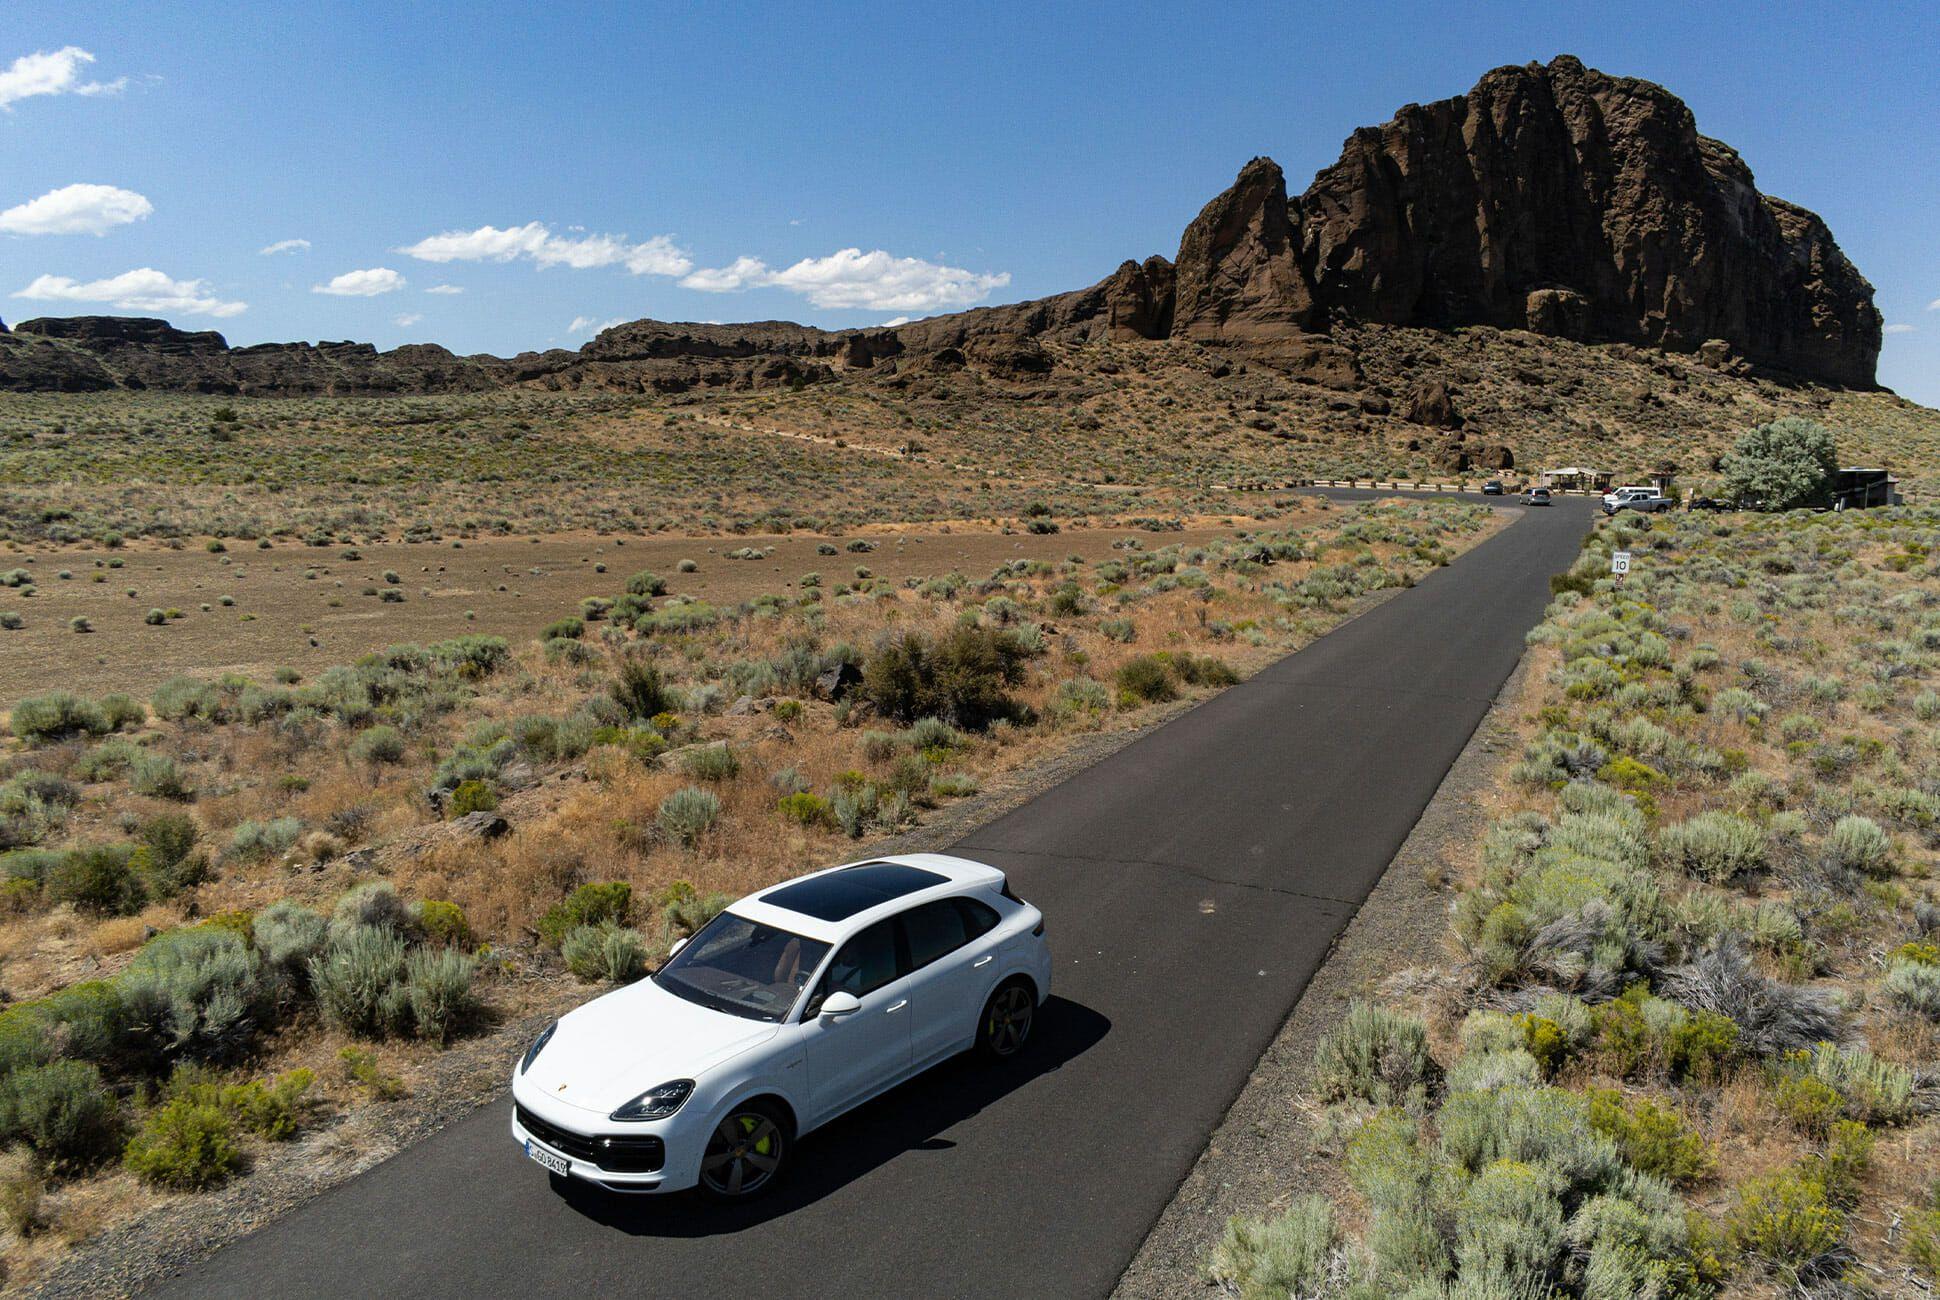 Pair-of-High-Tech-Porsche-Cayenne-Hybrids-gear-patrol-Fort-ambience-5